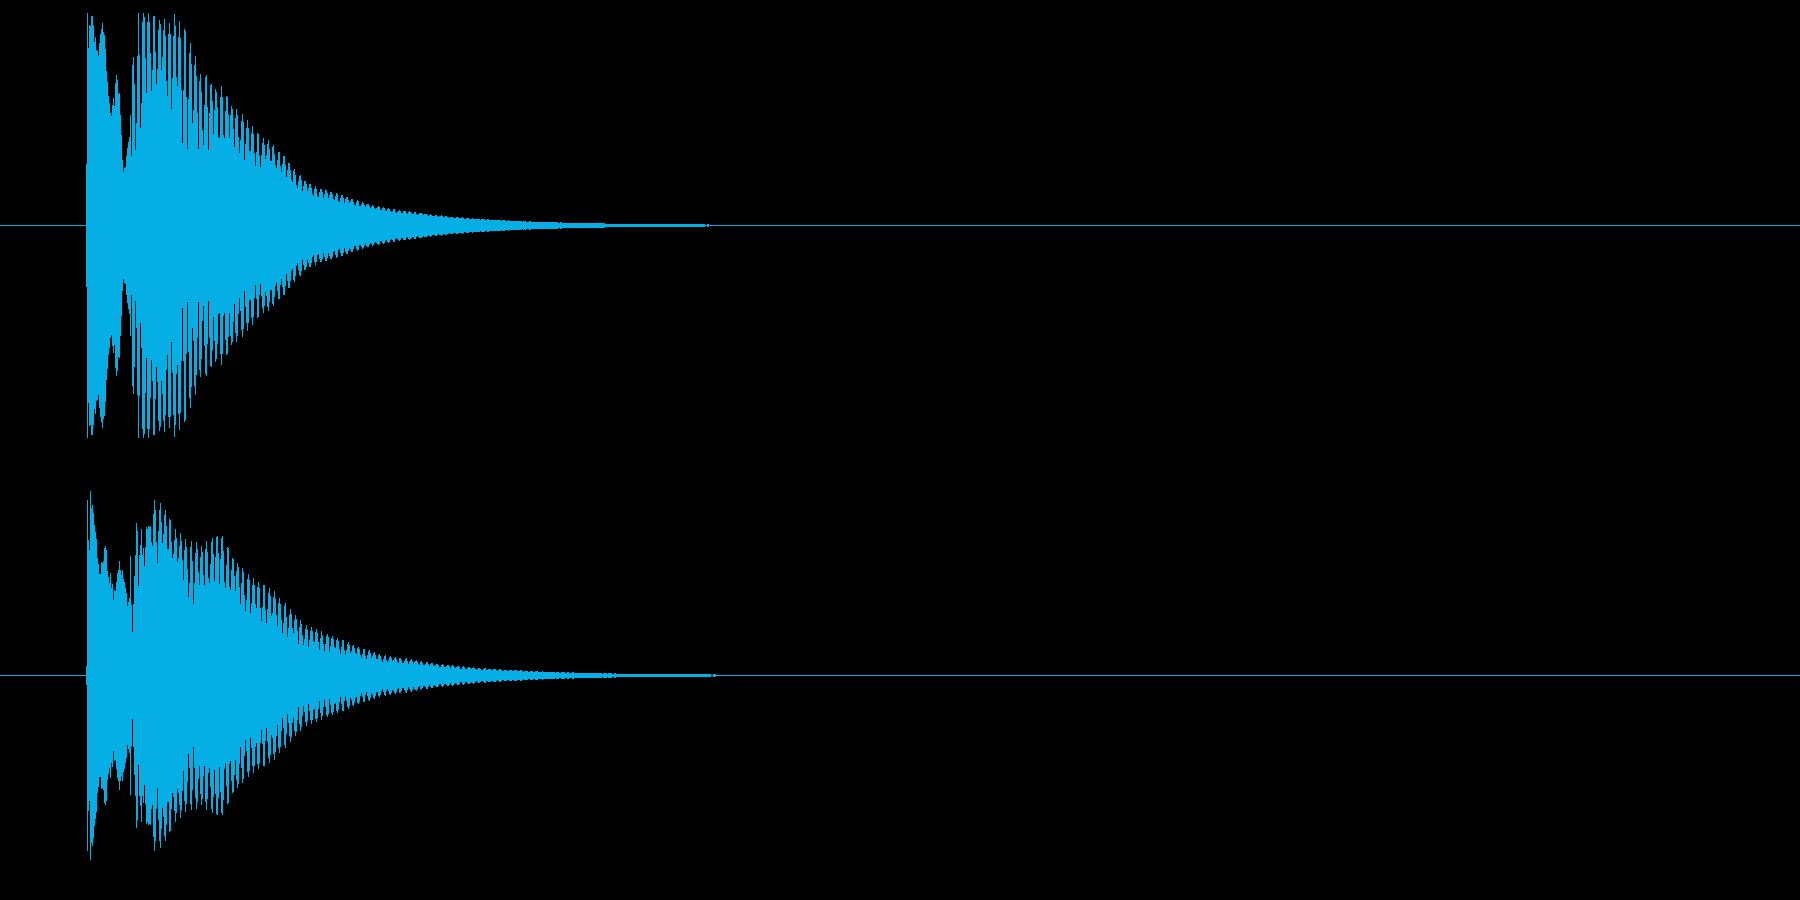 木琴によるキャンセル音の再生済みの波形